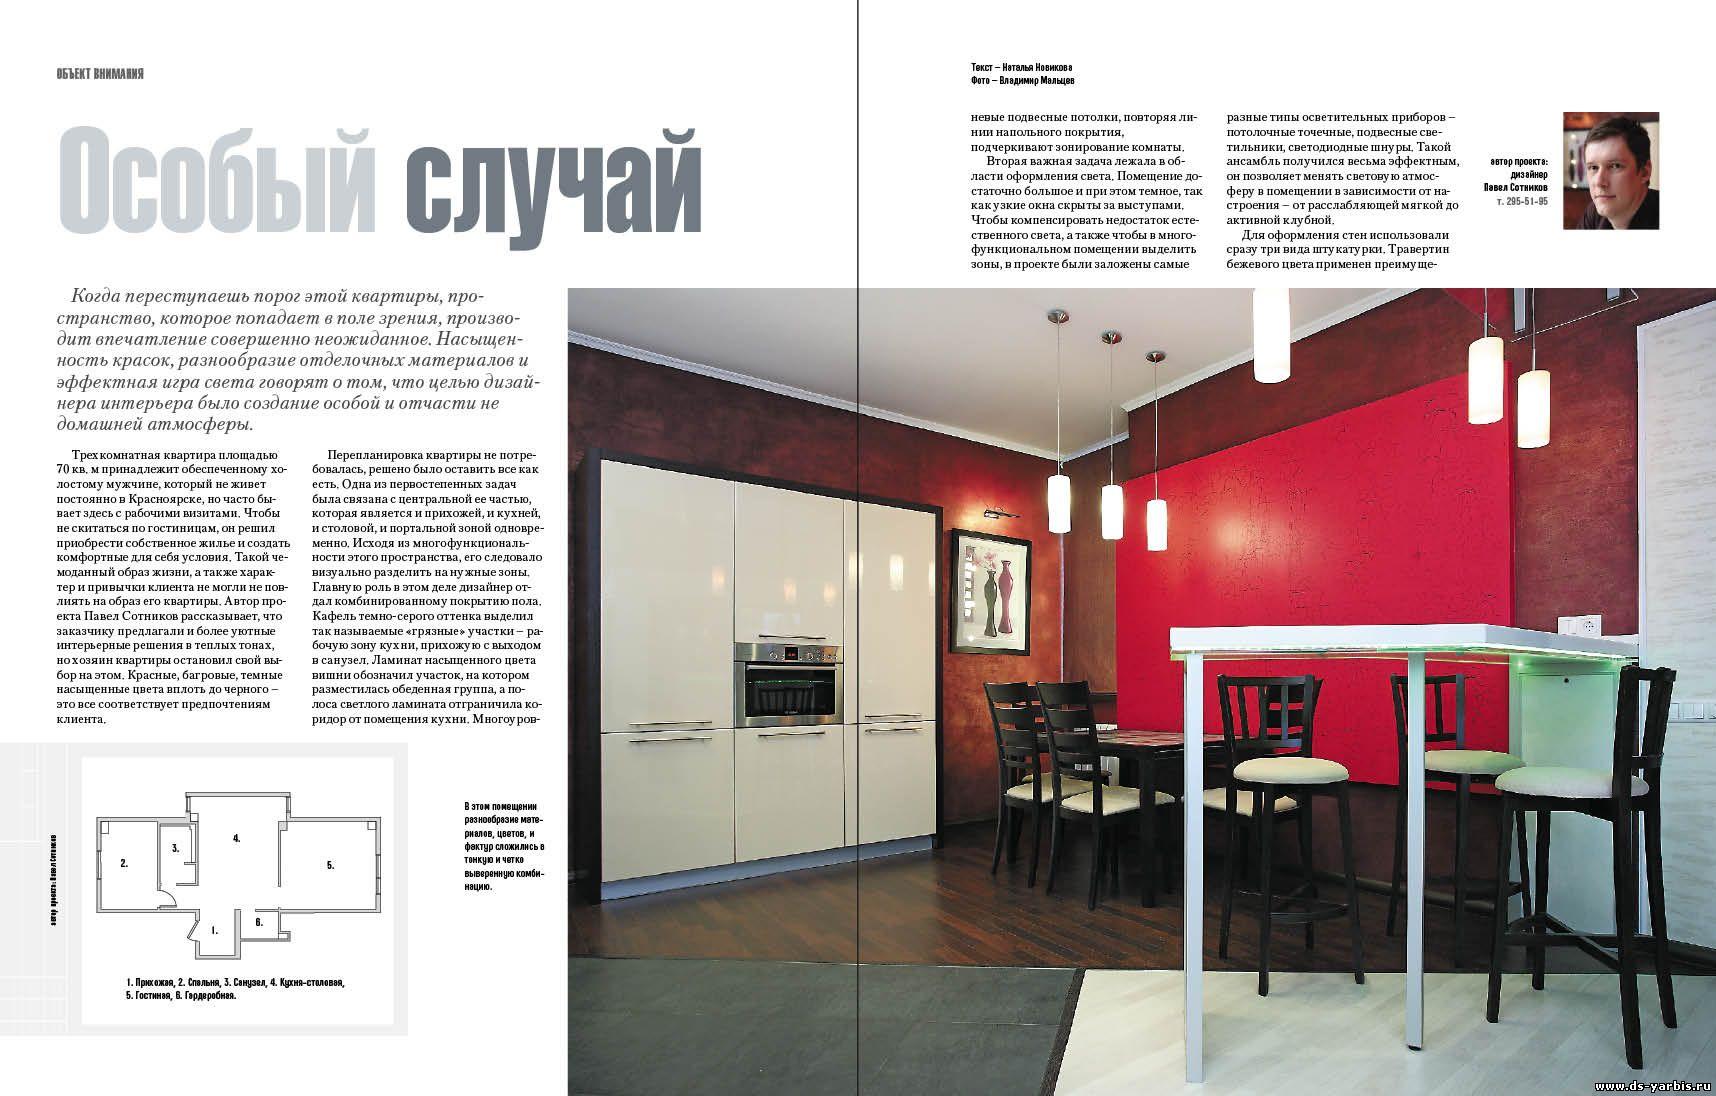 Дизайн интерьера. статьи